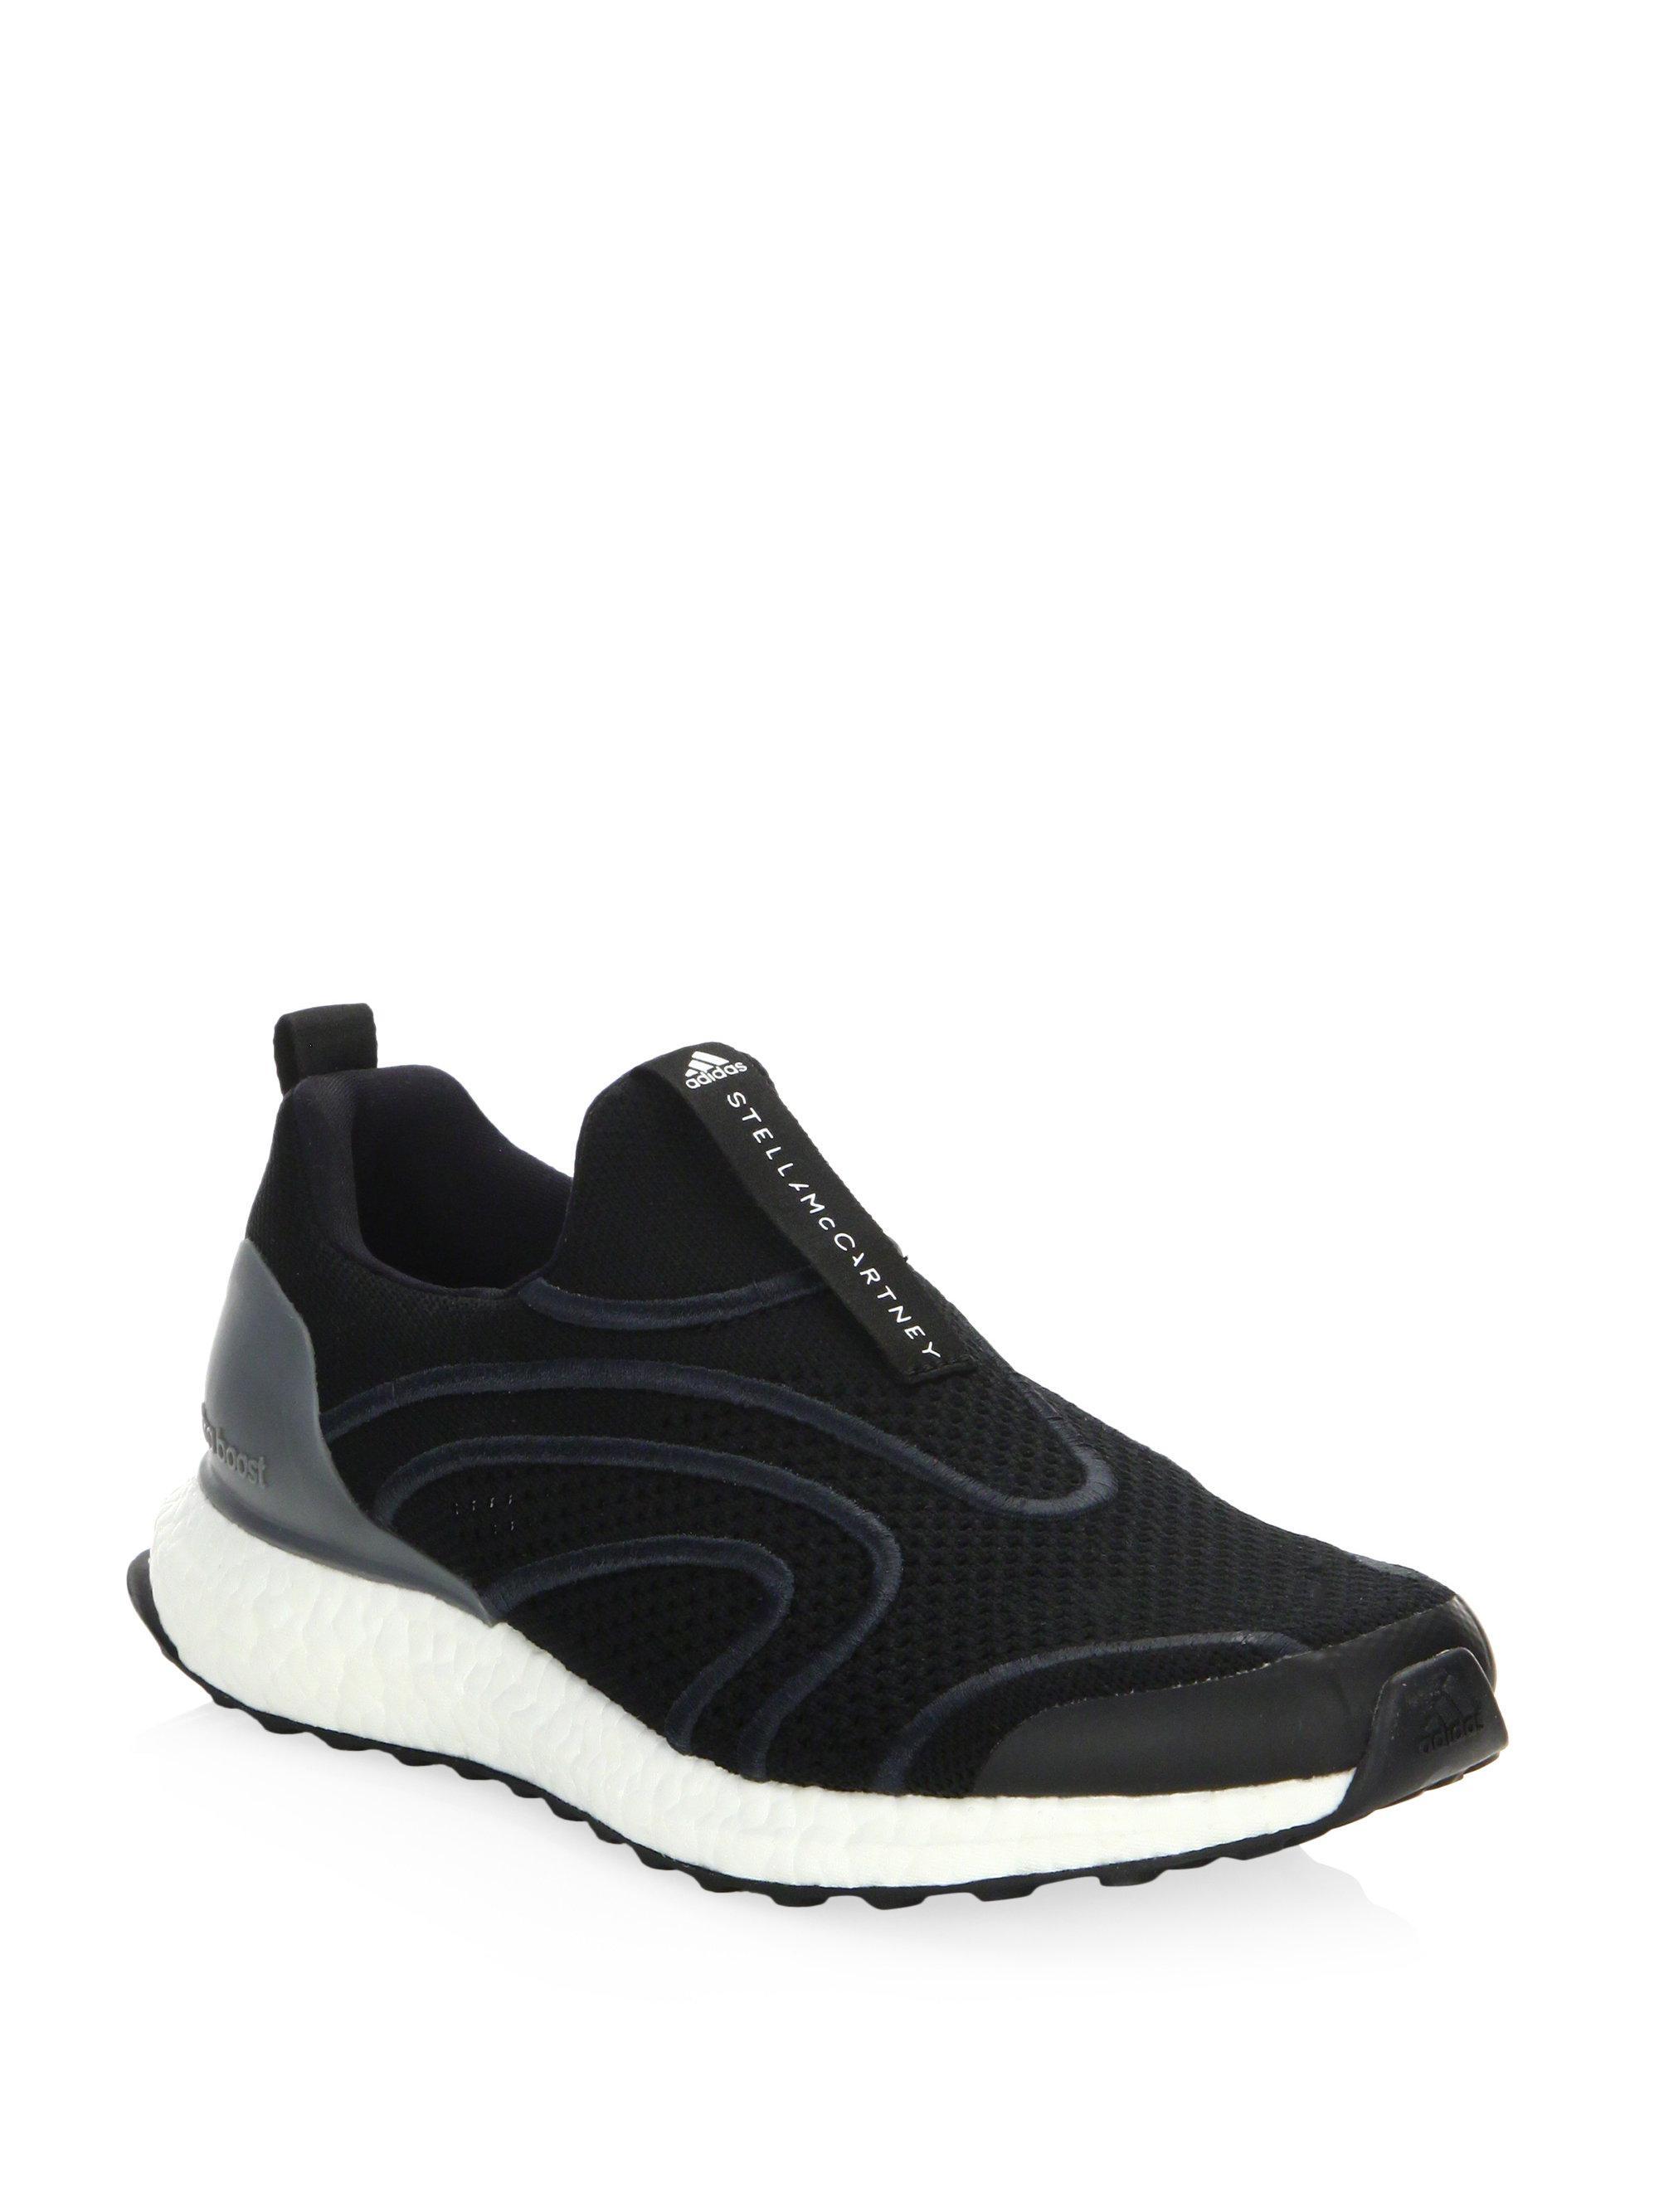 Stella Mccartney Ultraboost Uncaged Womens Sneakers Black